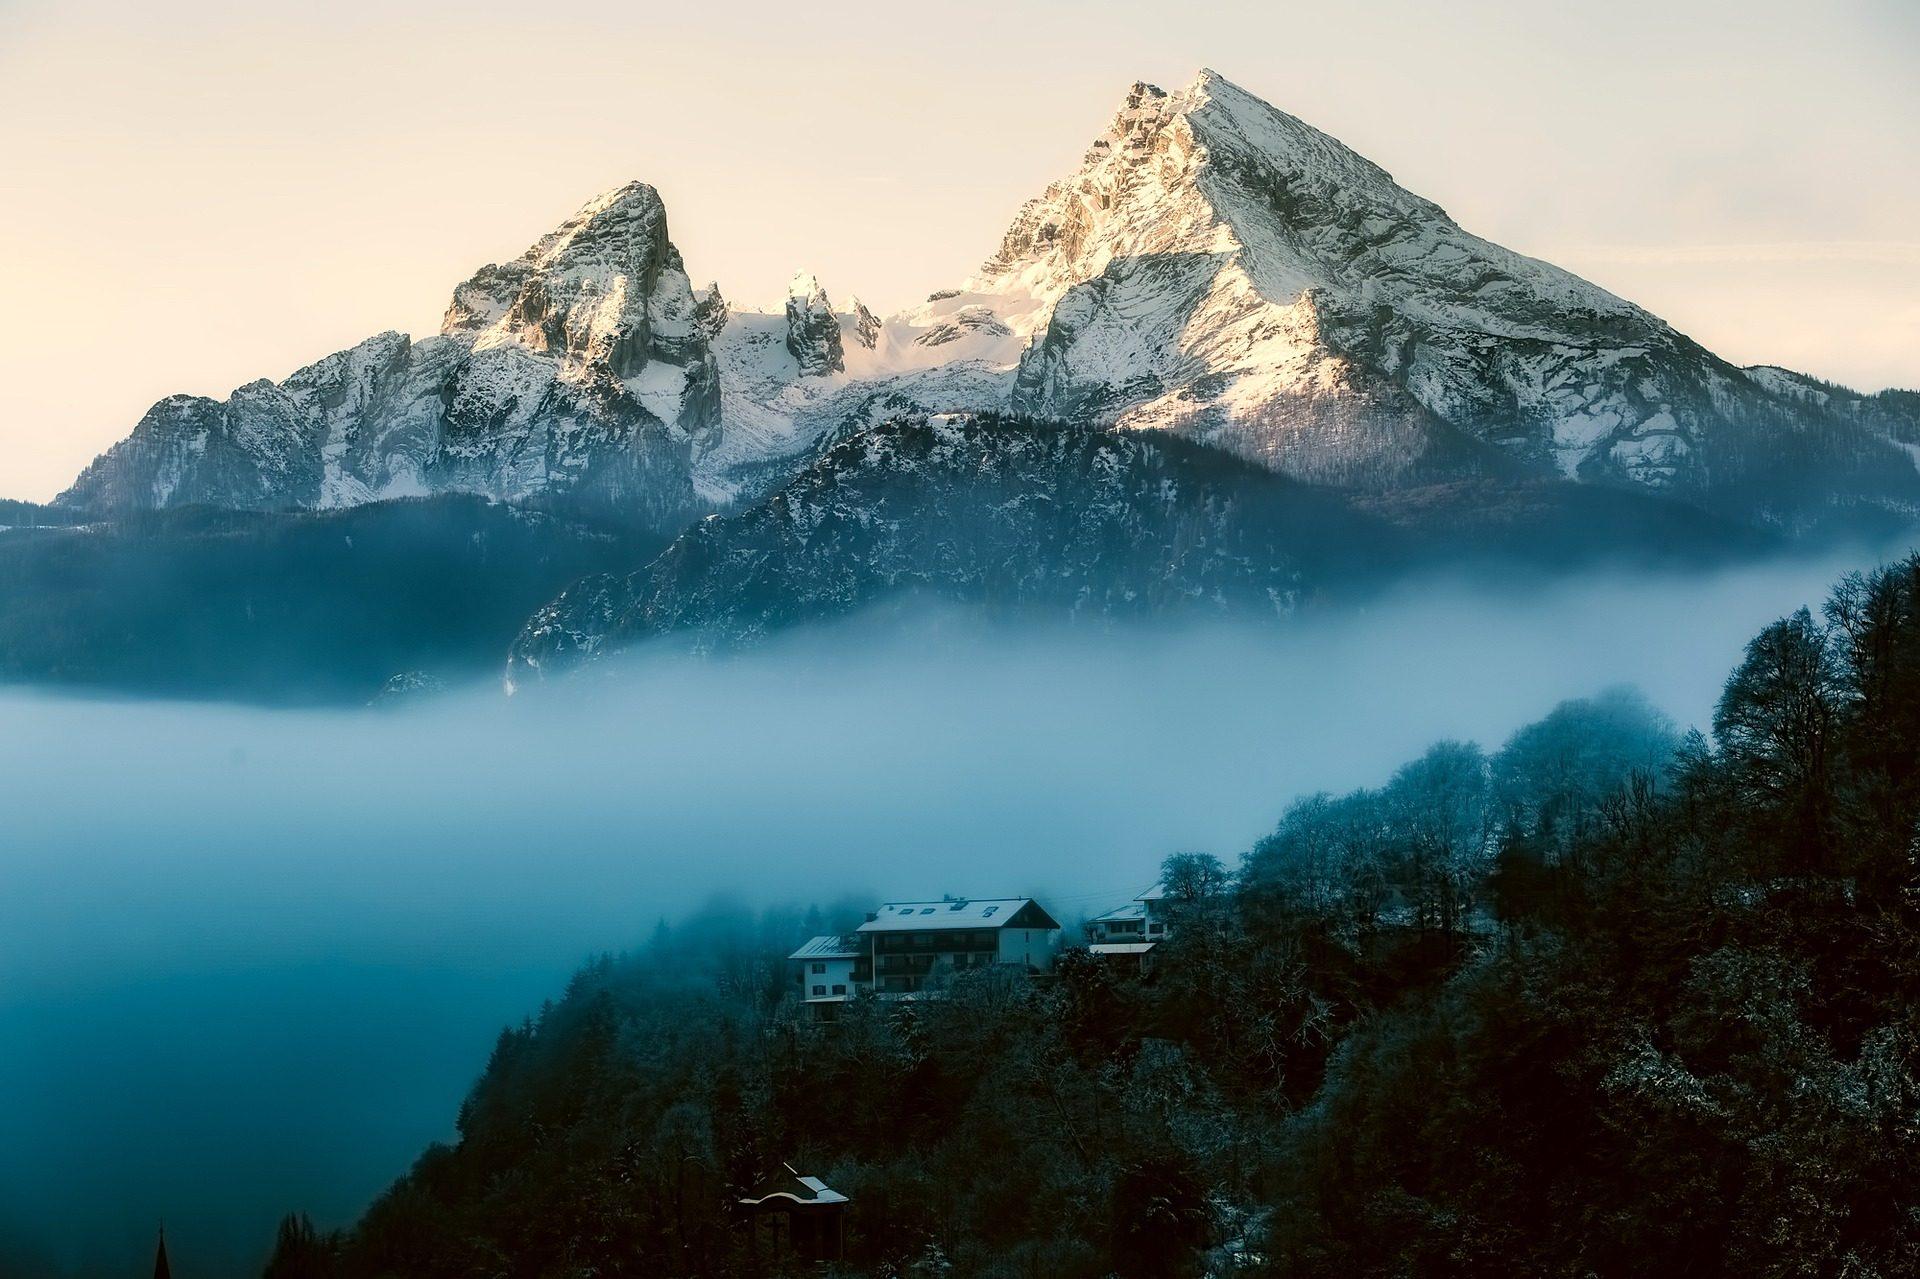 Монтаньяс, облака, туман, деревья, лес, снег, Дом - Обои HD - Профессор falken.com